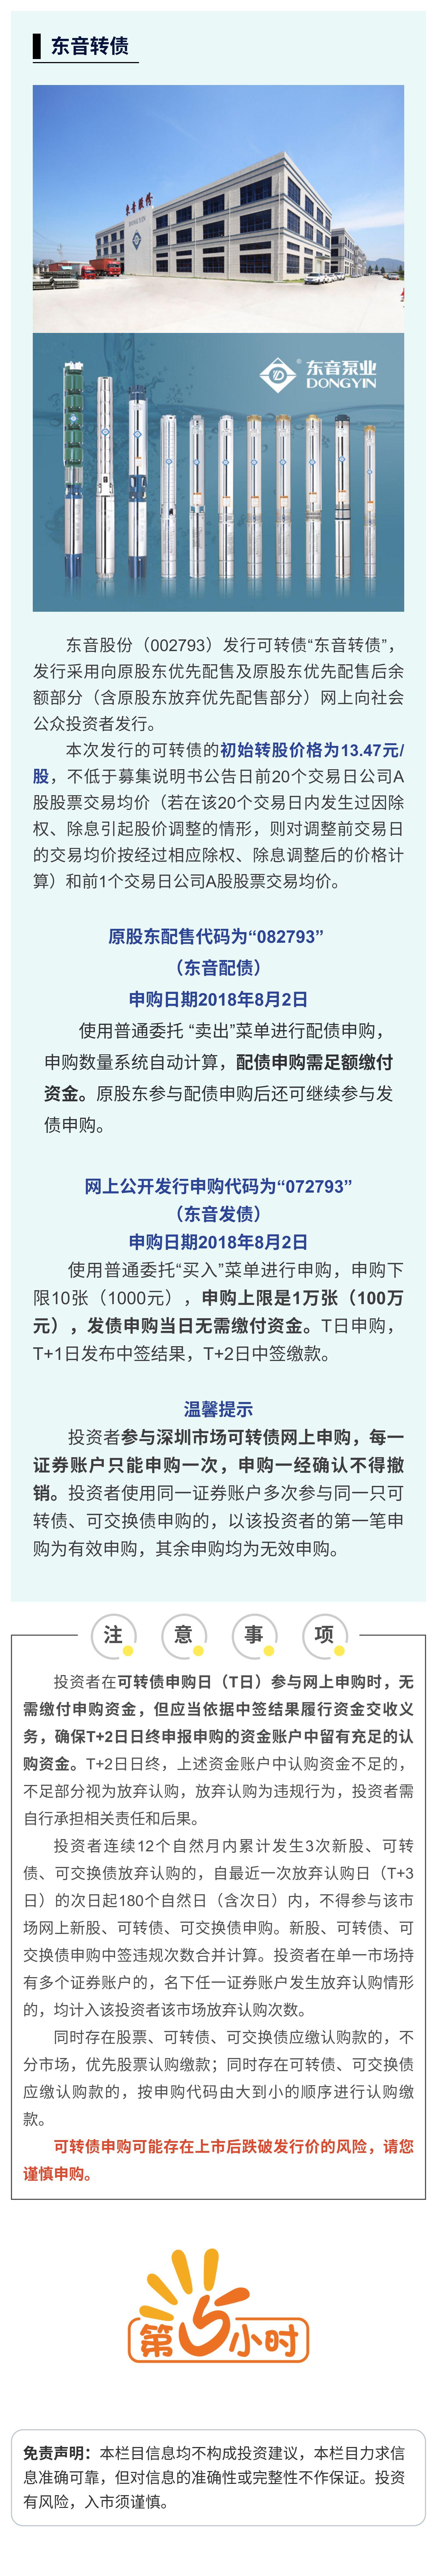 【新债申购】东音股份(002793)公开发行可转换公司债.jpg